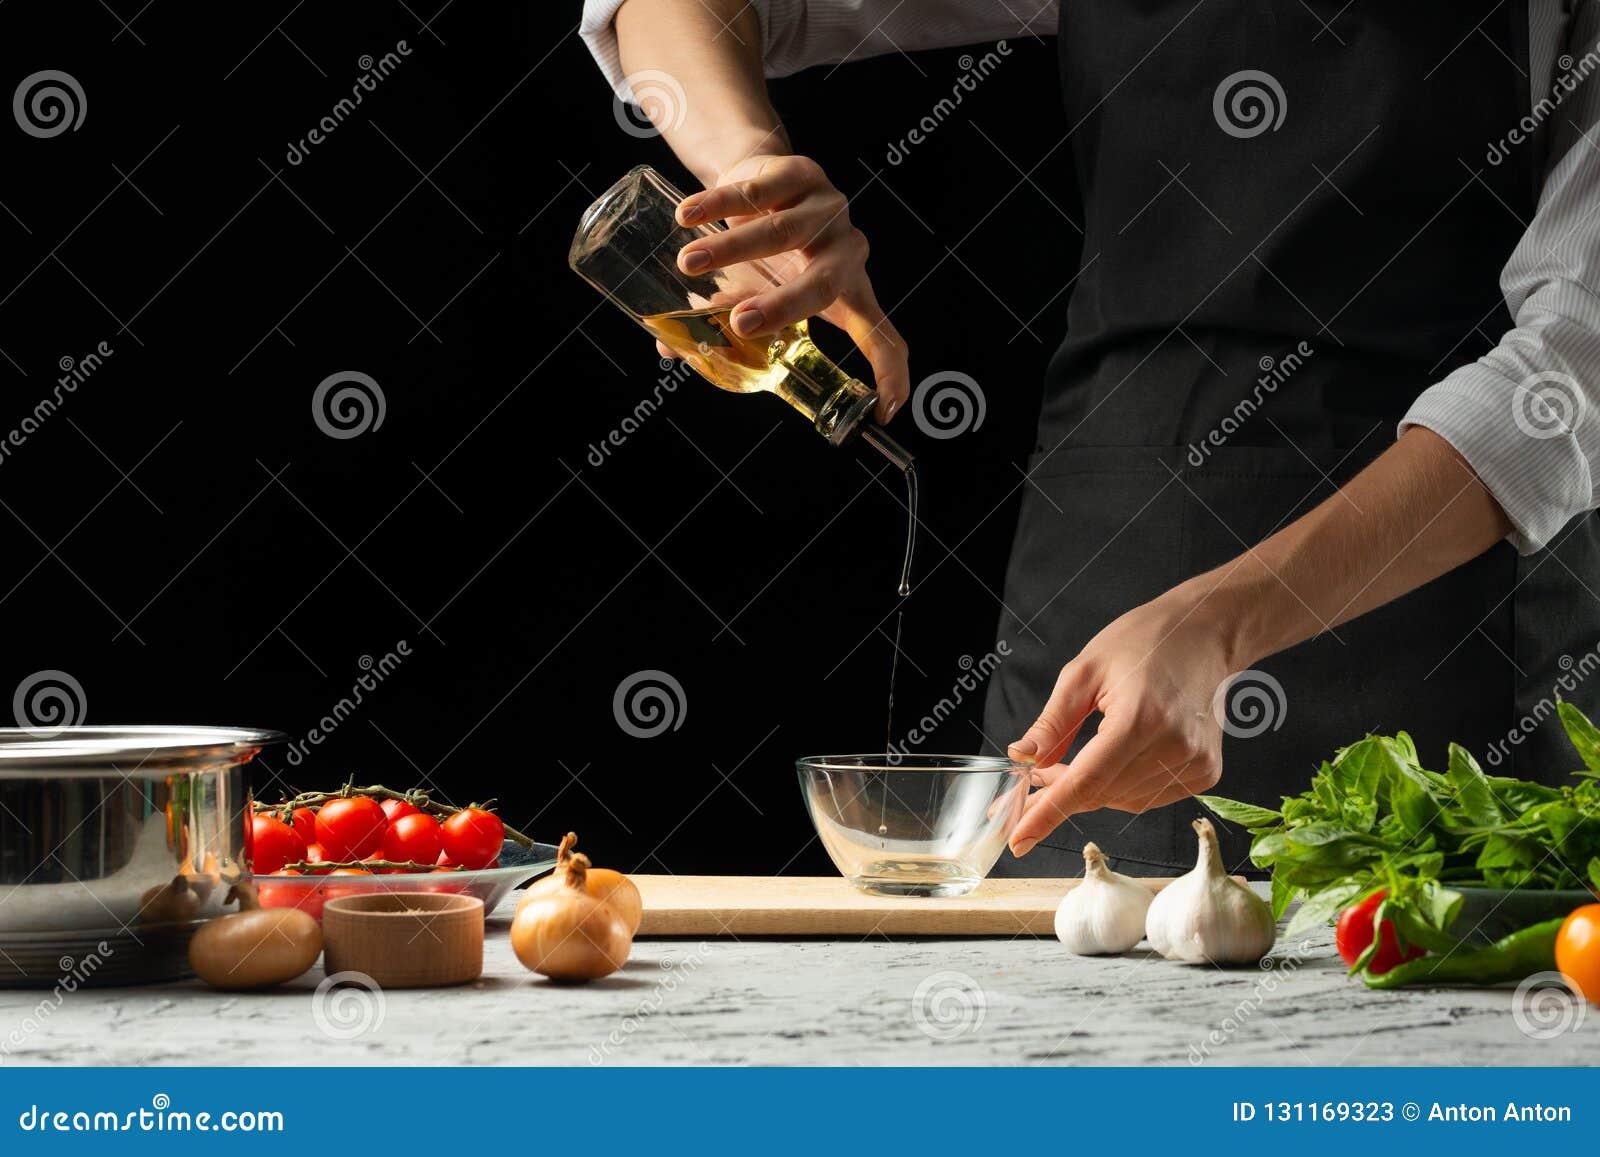 关闭chef& x27;s手,意大利西红柿酱为通心面做准备 薄饼 意大利烹调食谱的概念